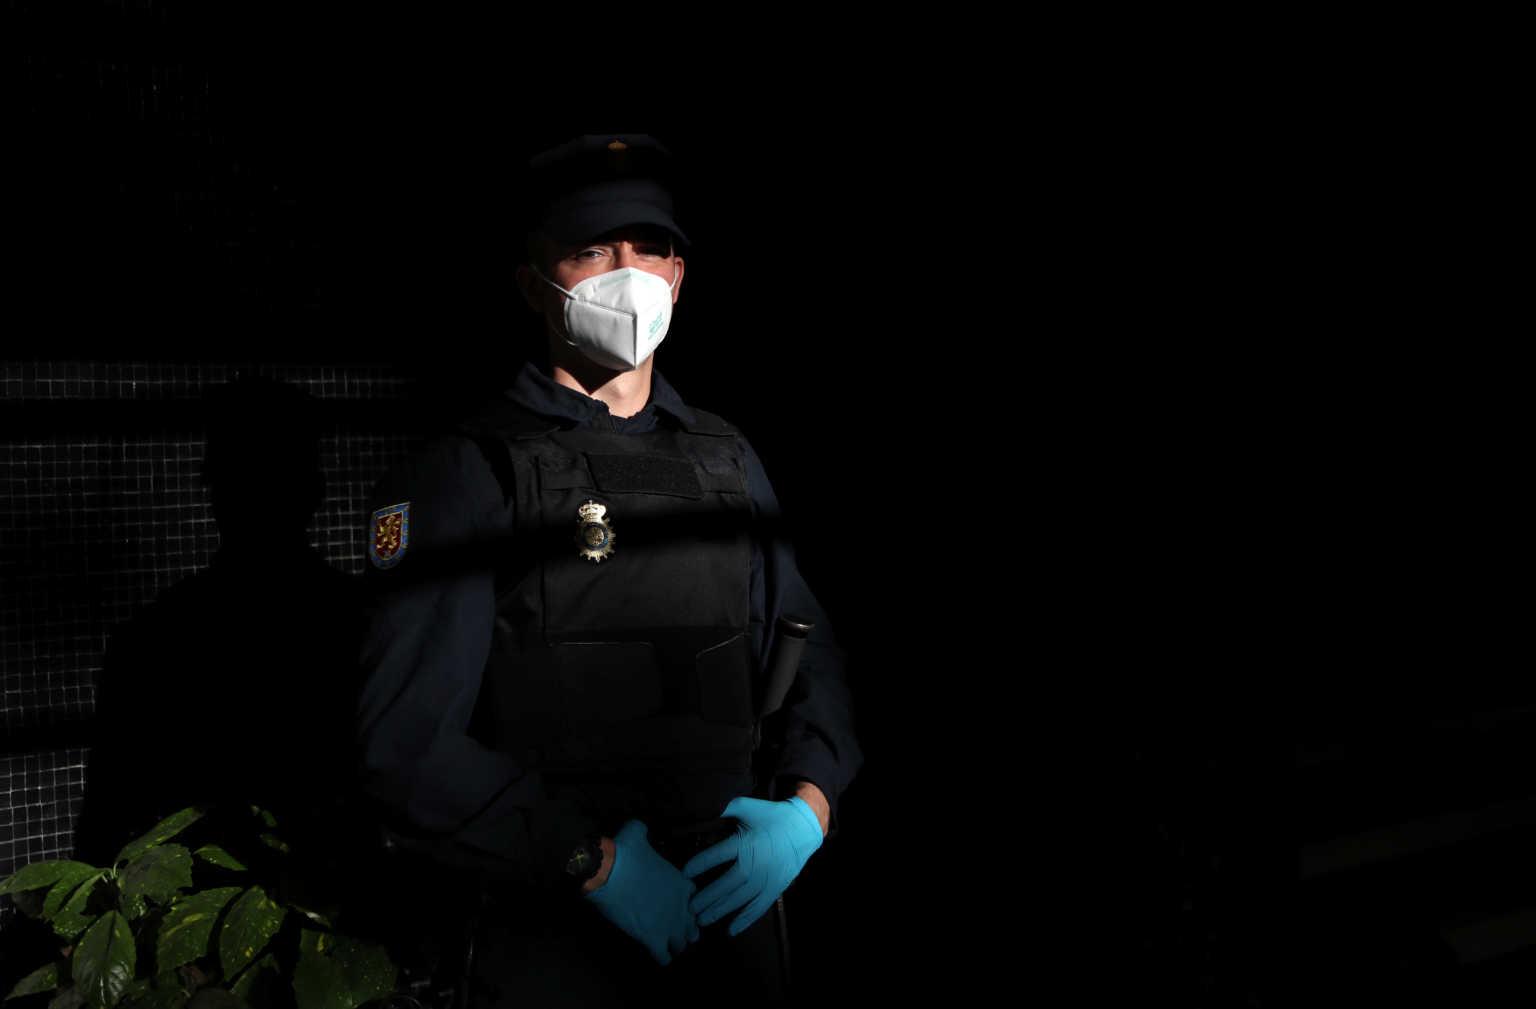 Πορνοστάρ κατηγορείται για τον θάνατο φωτογράφου – Εισέπνευσε δηλητήριο βατράχου σε «θεραπευτική» τελετή